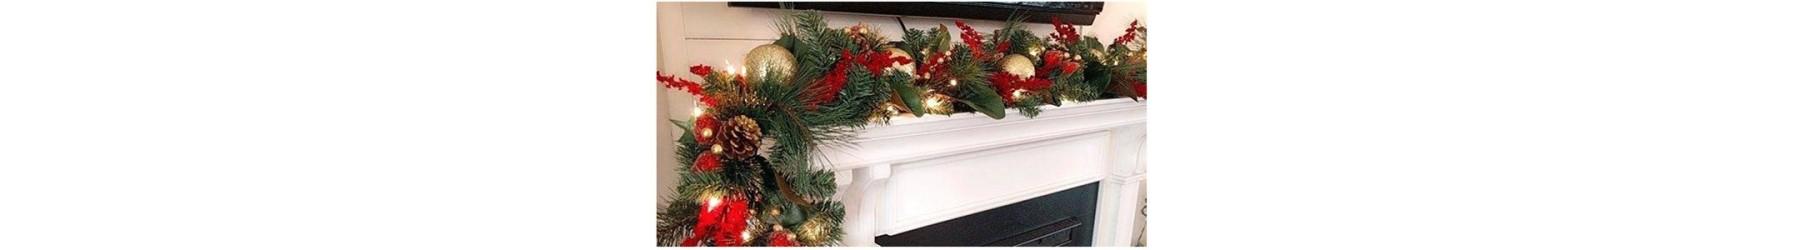 Χριστουγεννιάτικες γιρλάντες σε πολλά σχέδια και μεγέθη